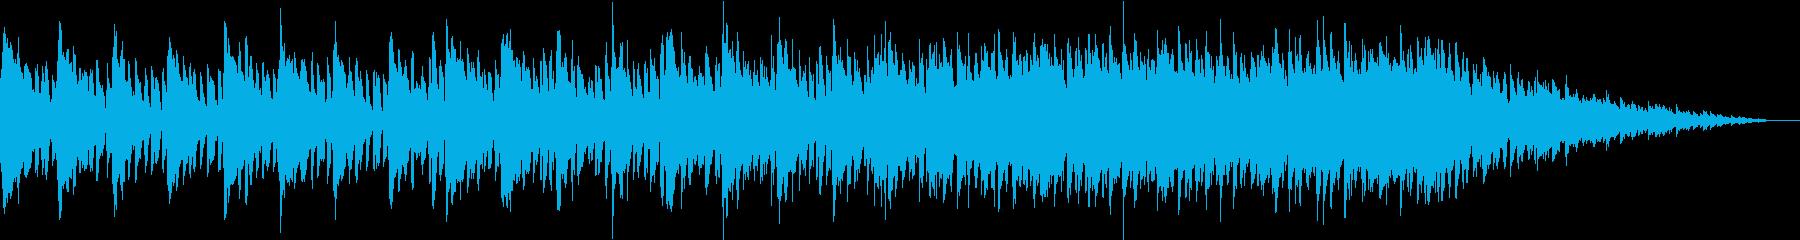 2<Aギター生演奏>はじまりの合図の再生済みの波形